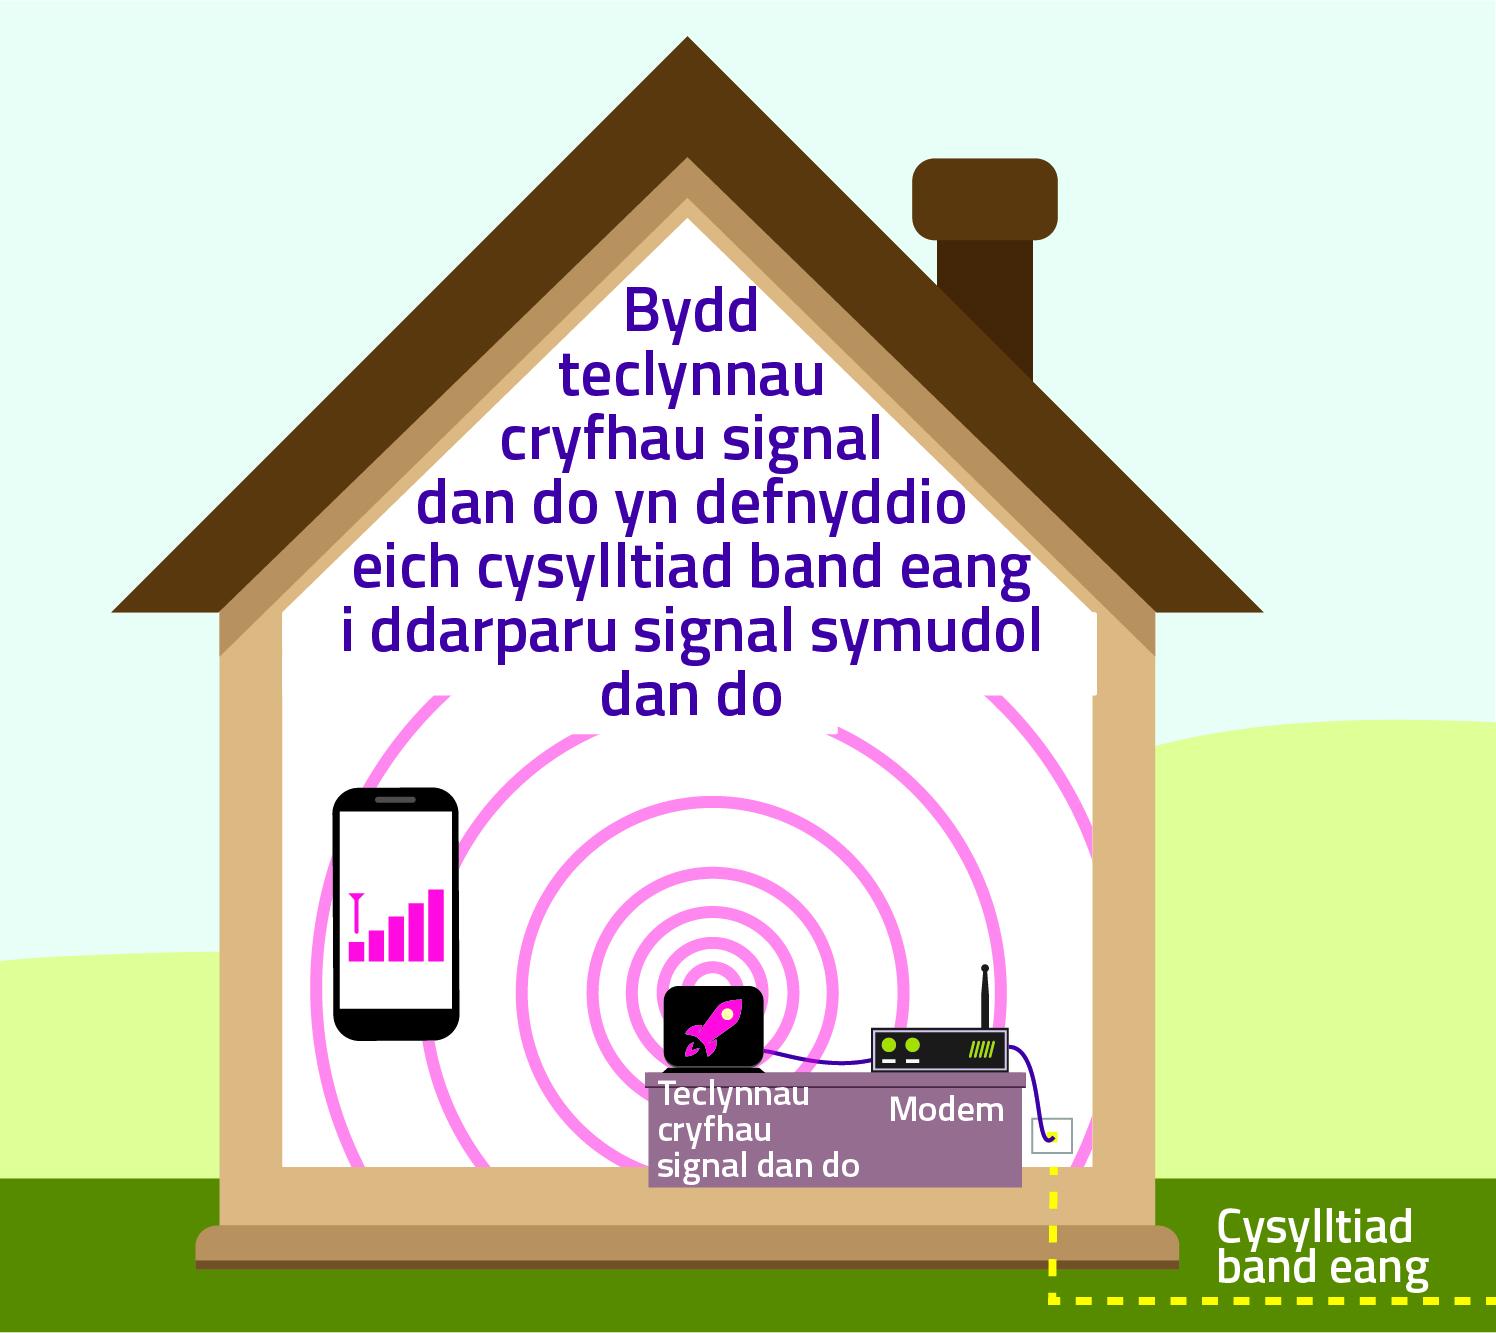 Bydd teclynnau cryfhau signal dan do yn defnyddio eich cysylltiad band eang i ddarparu signal symudol dan do